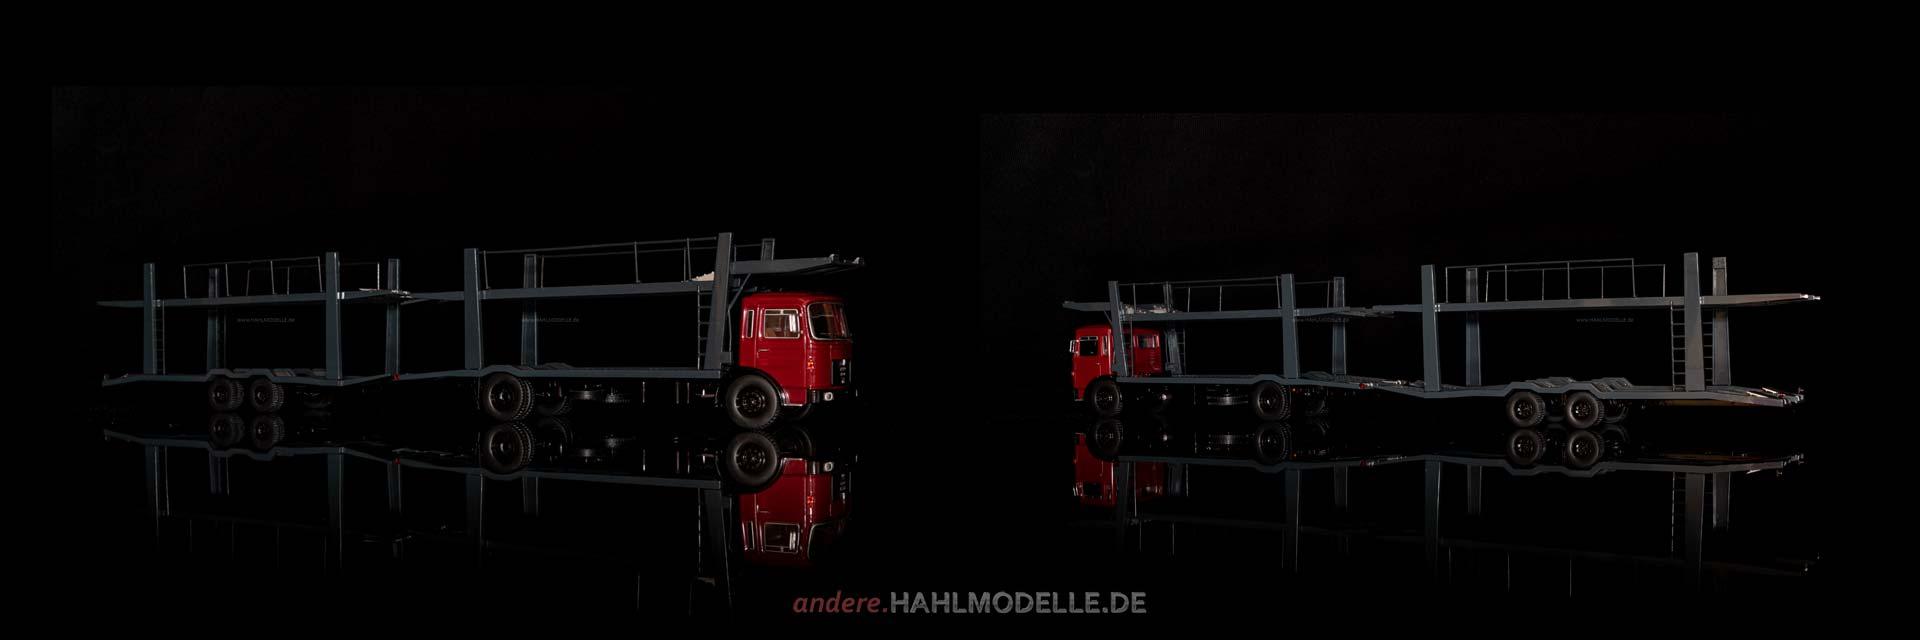 MAN F7 | LKW Autotransporter | Ixo | 1:43 | www.andere.hahlmodelle.de